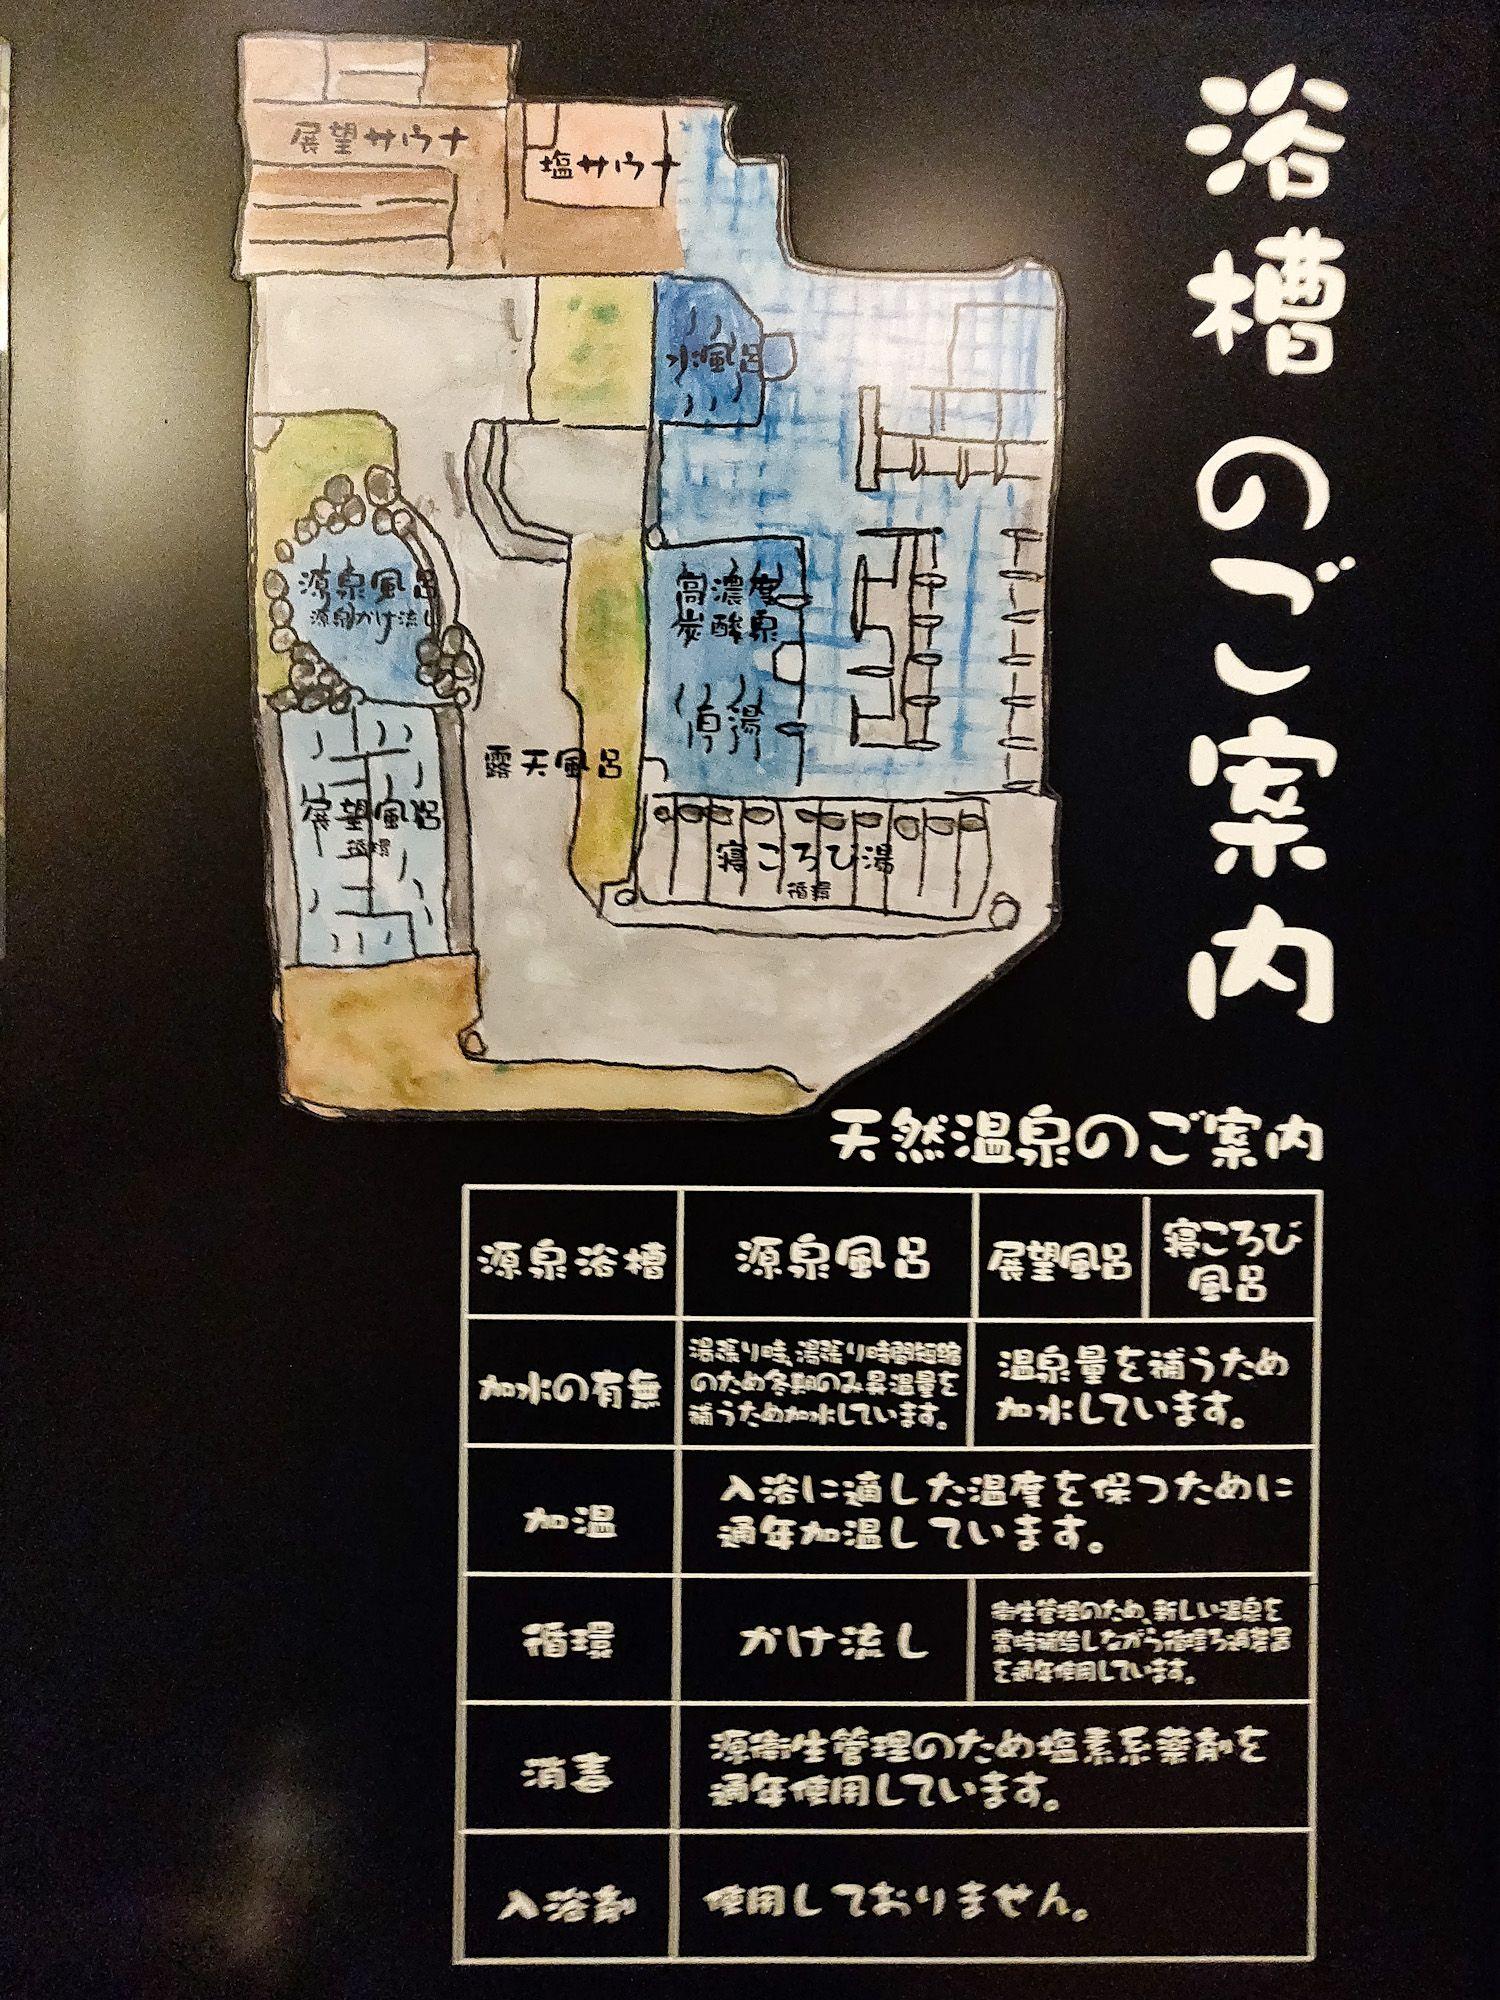 喜楽里別邸 宮沢湖 館内図